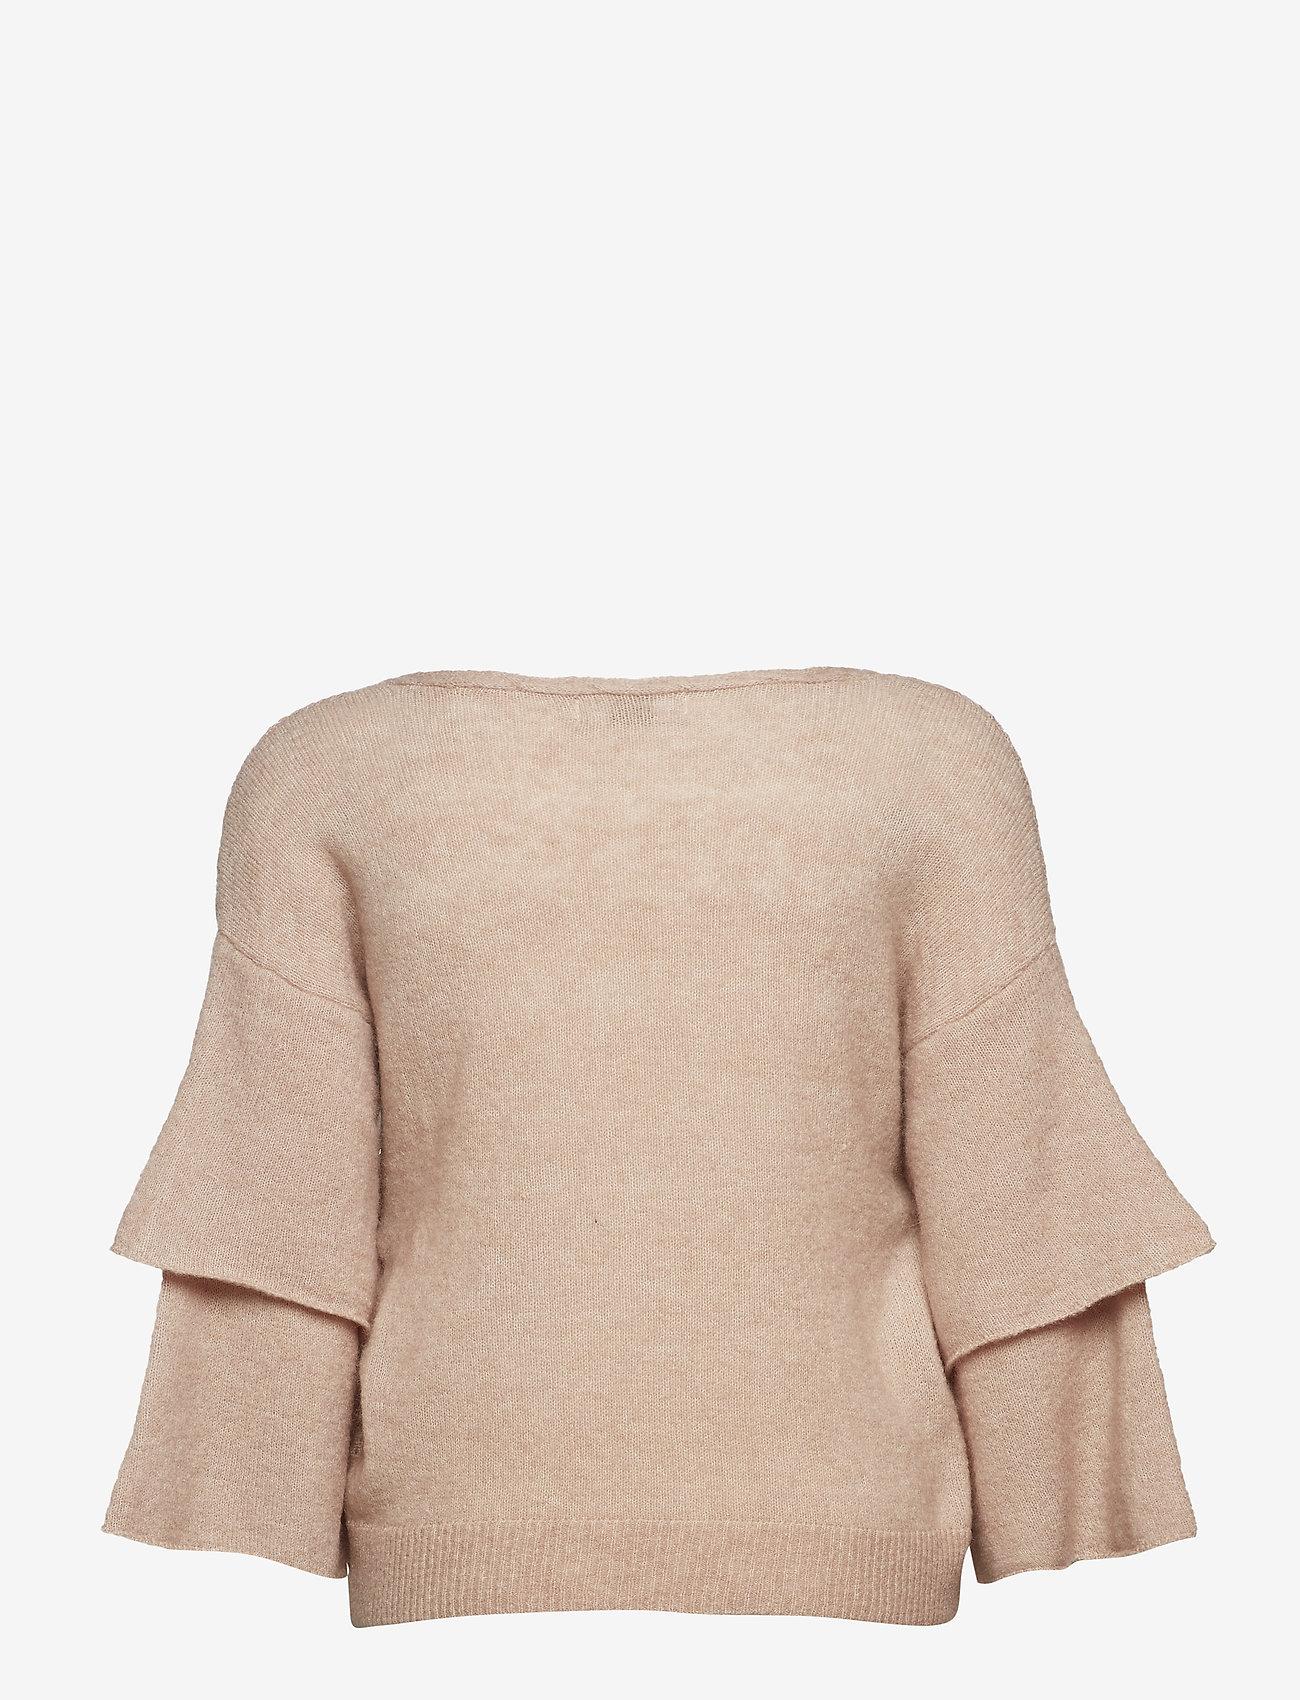 Cream Penelope Knit Pullover - Knitwear